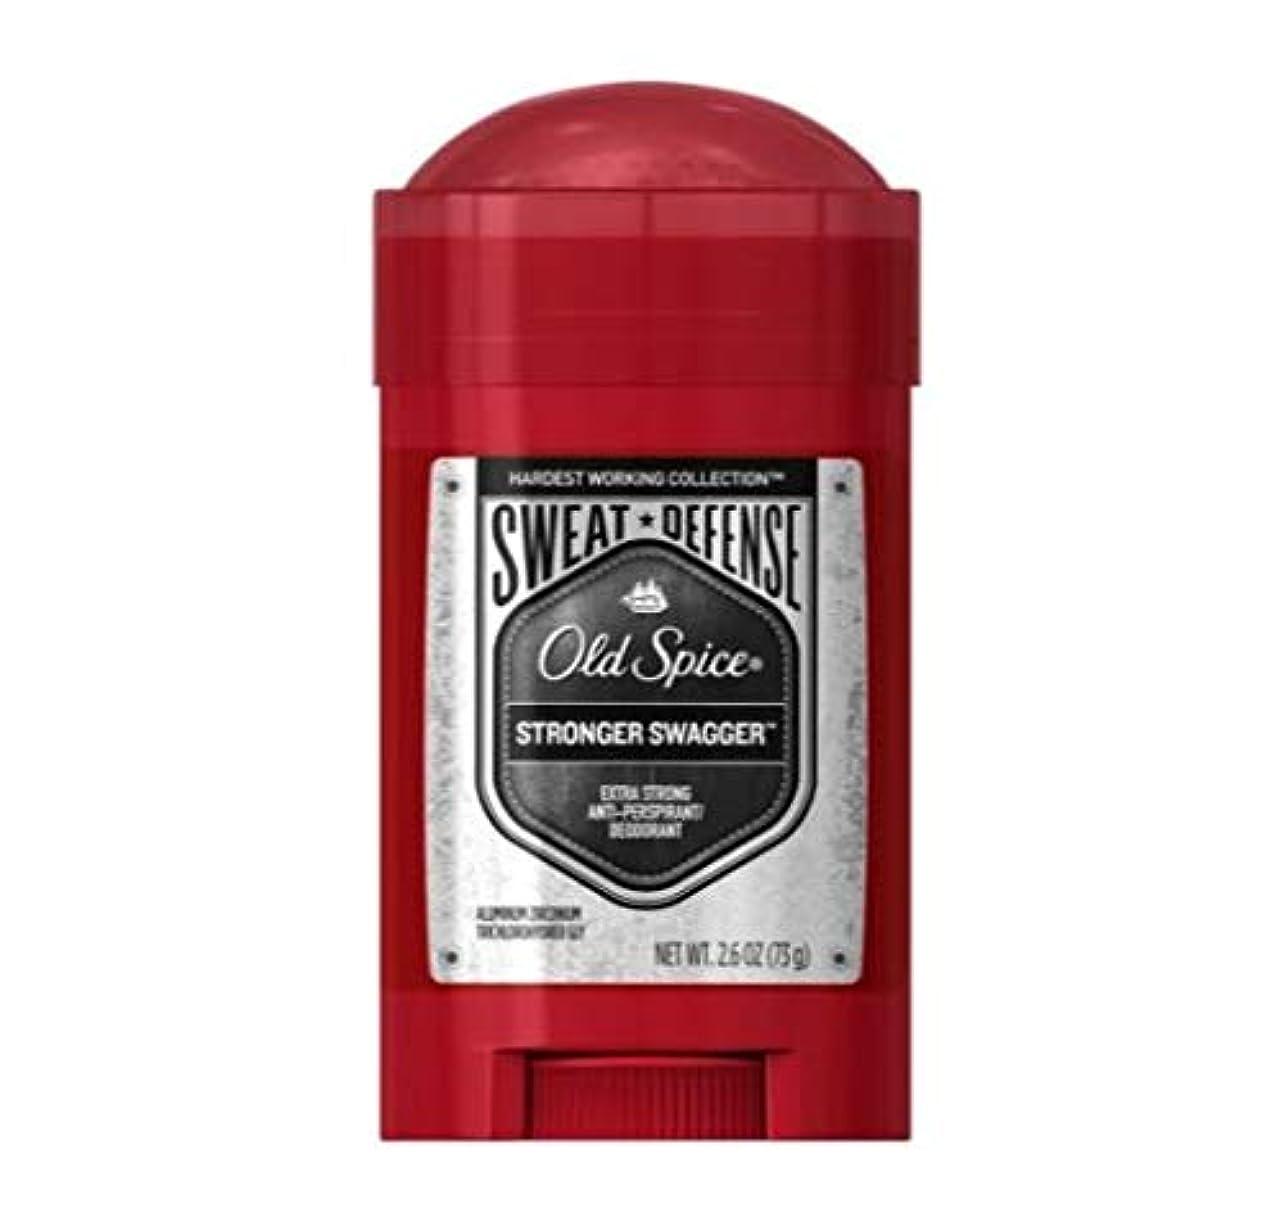 悪因子結紮資格情報Old Spice Hardest Working Collection Sweat Defense Stronger Swagger Antiperspirant and Deodorant - 2.6oz オールドスパイス...